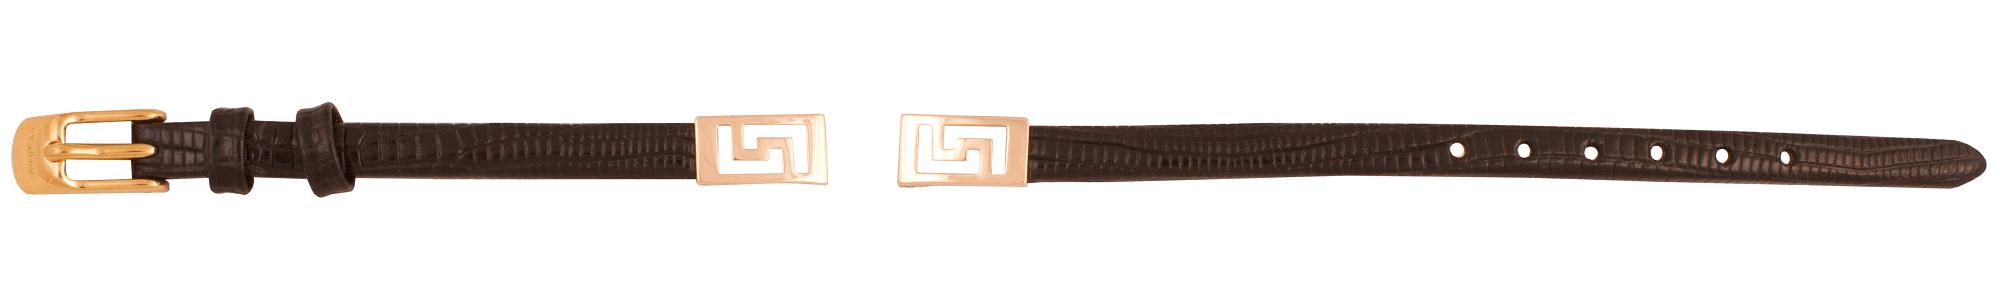 Кожаный ремешок с фрагментом браслета